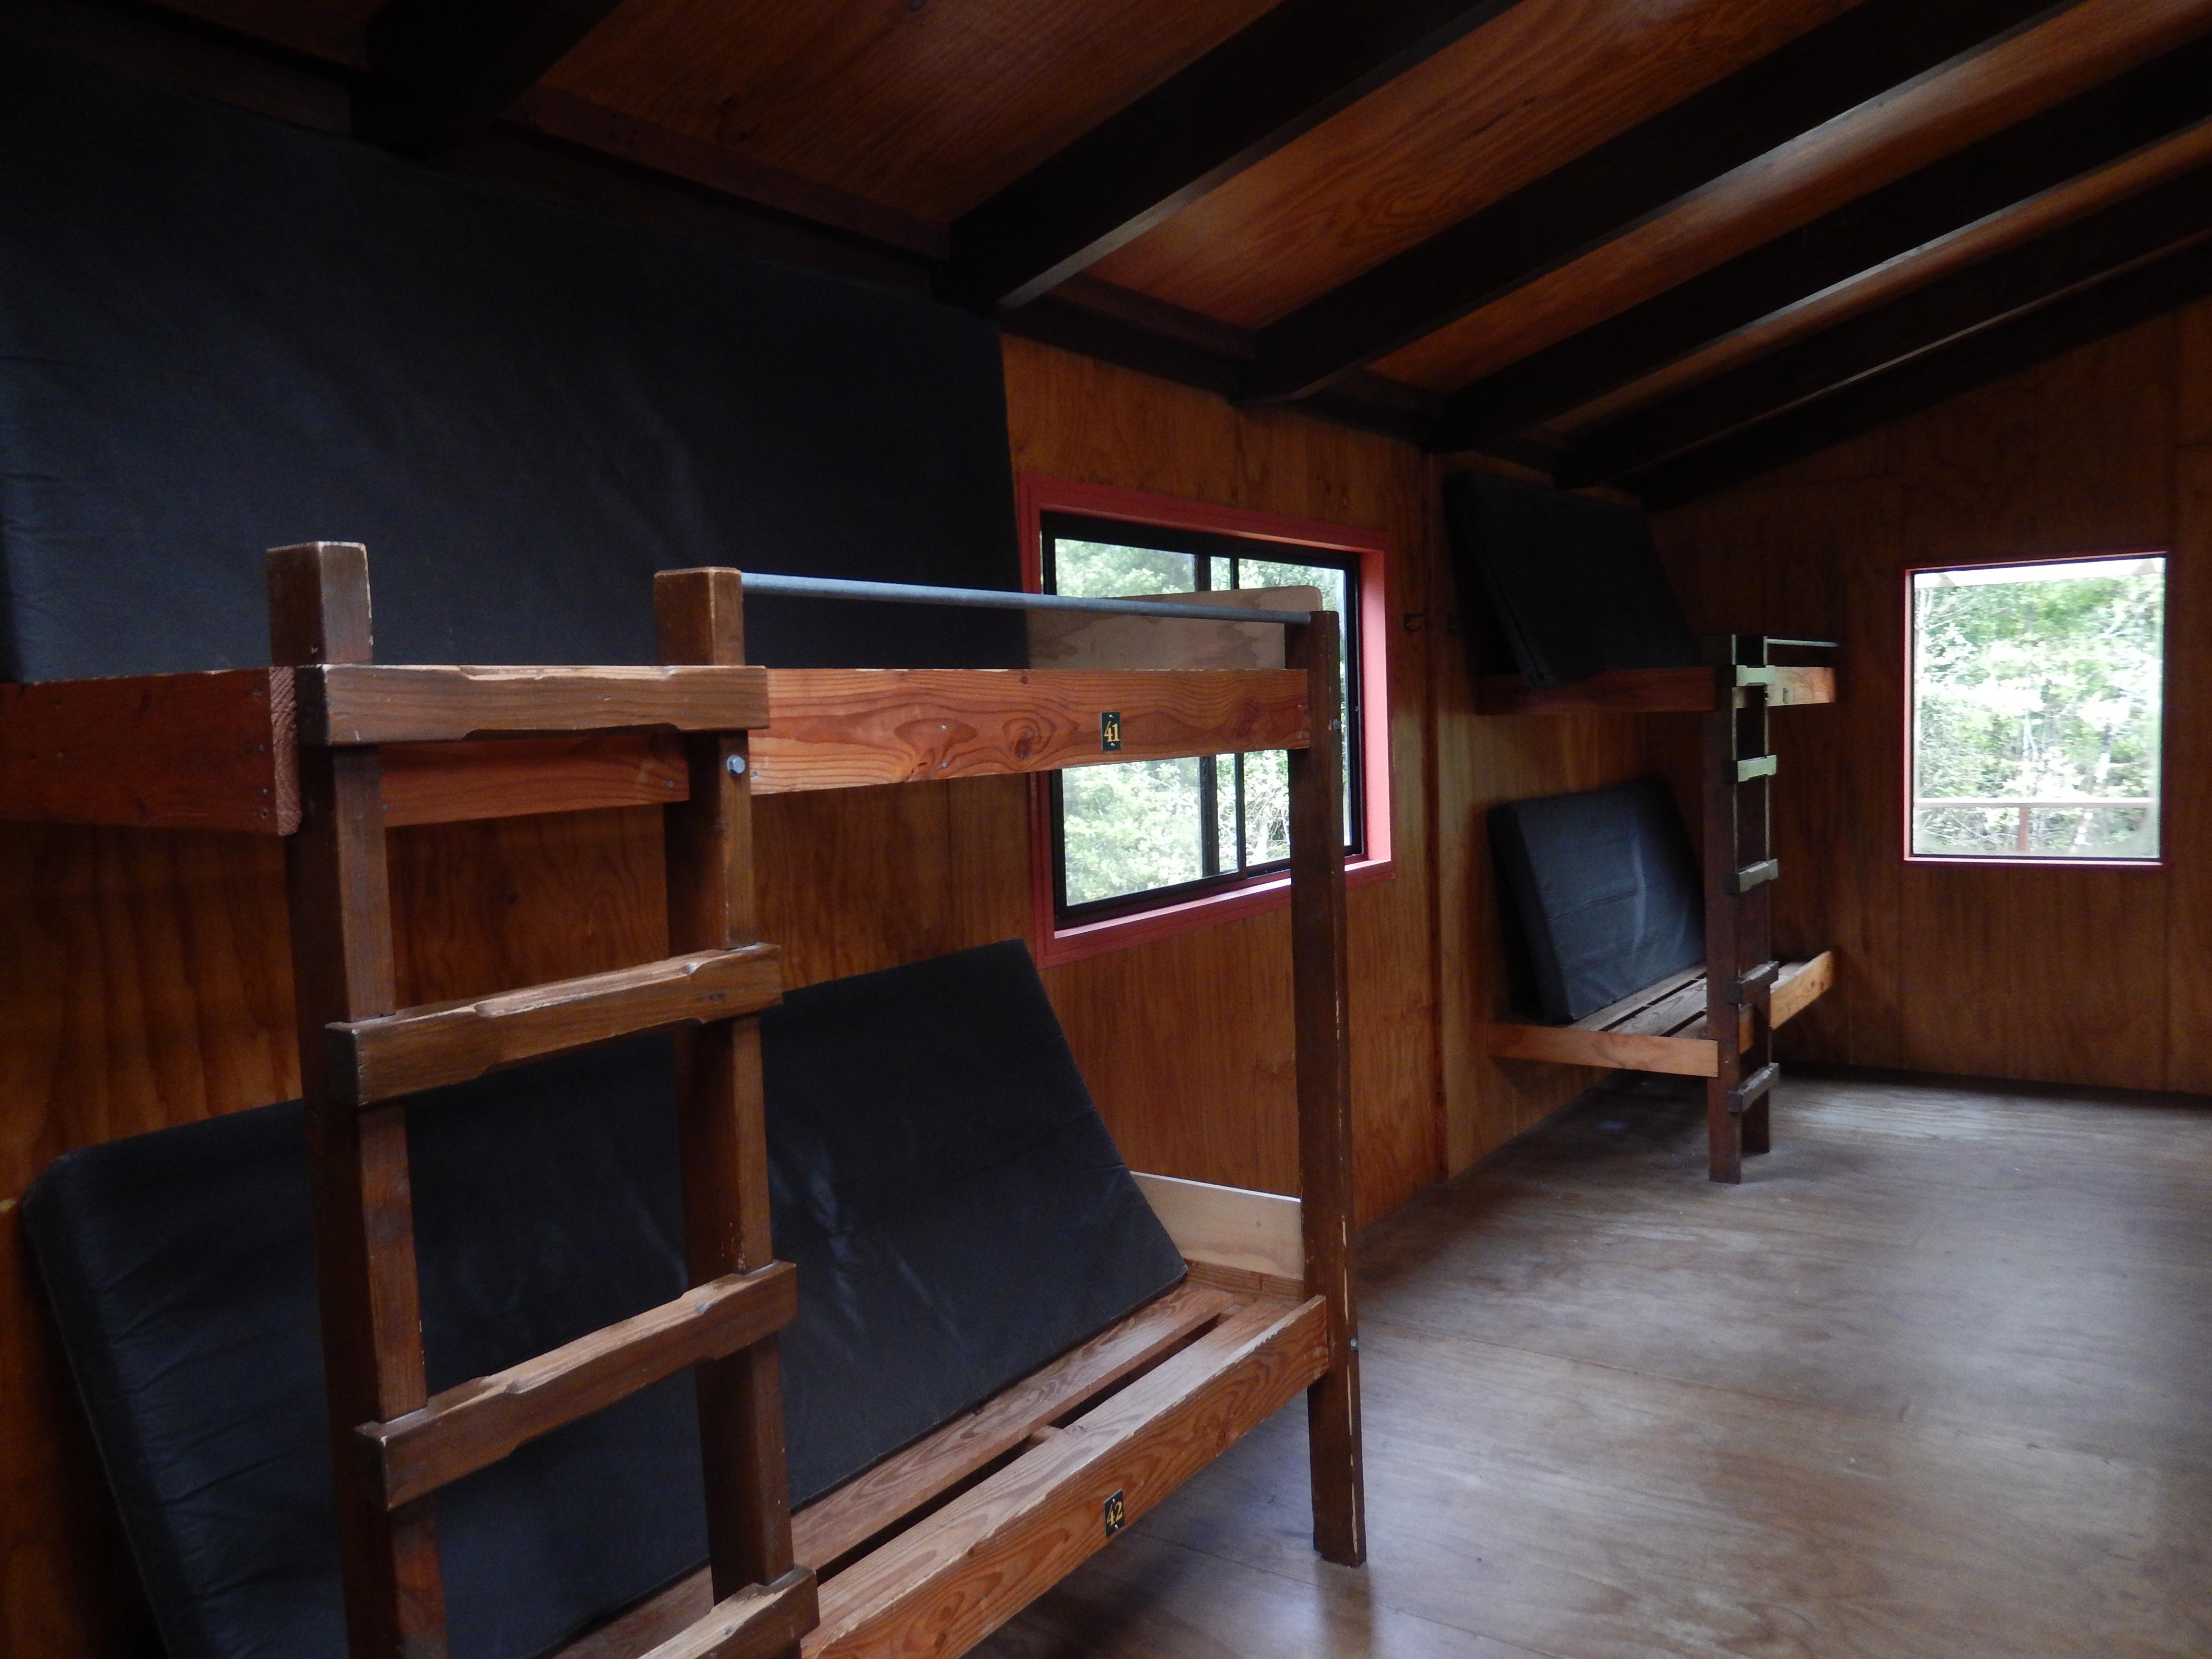 Bunk Beds For Sale Birmingham Al